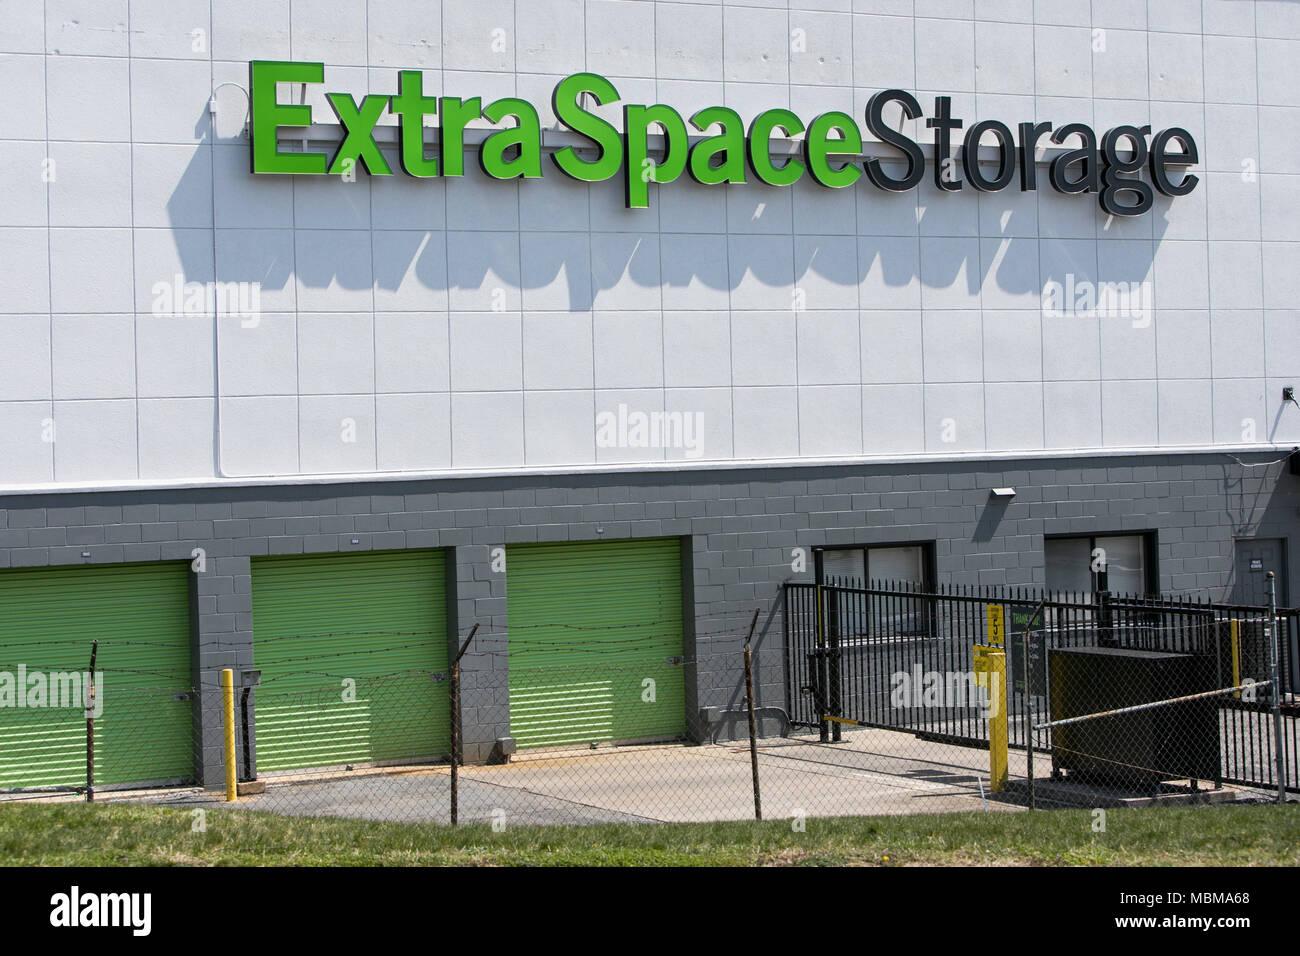 storagelocation